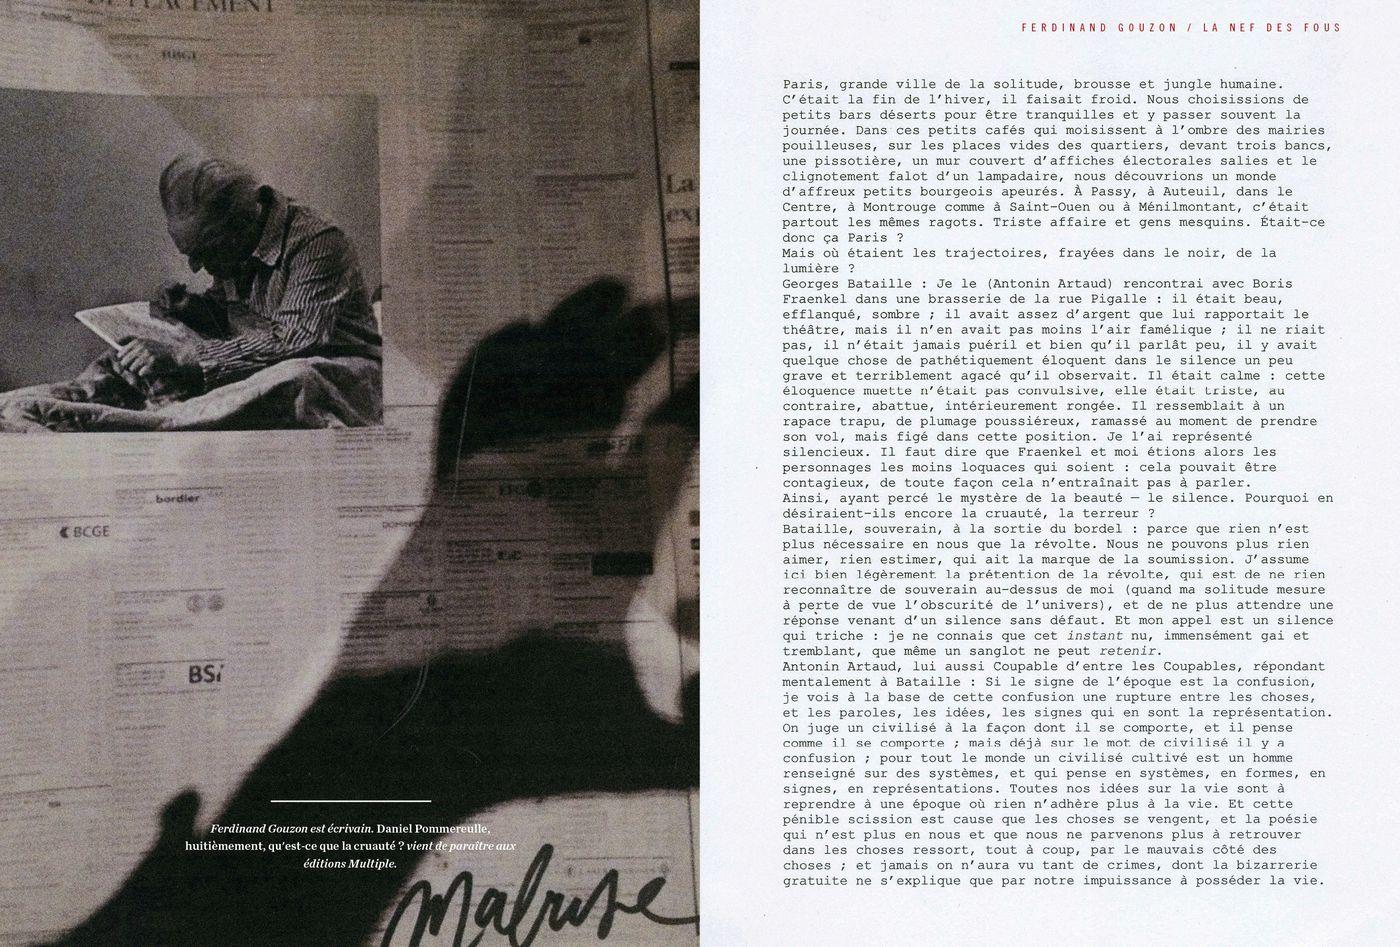 Possession Immédiate Volume 5 - Collage de Ferdinand Gouzon, La nef des fous